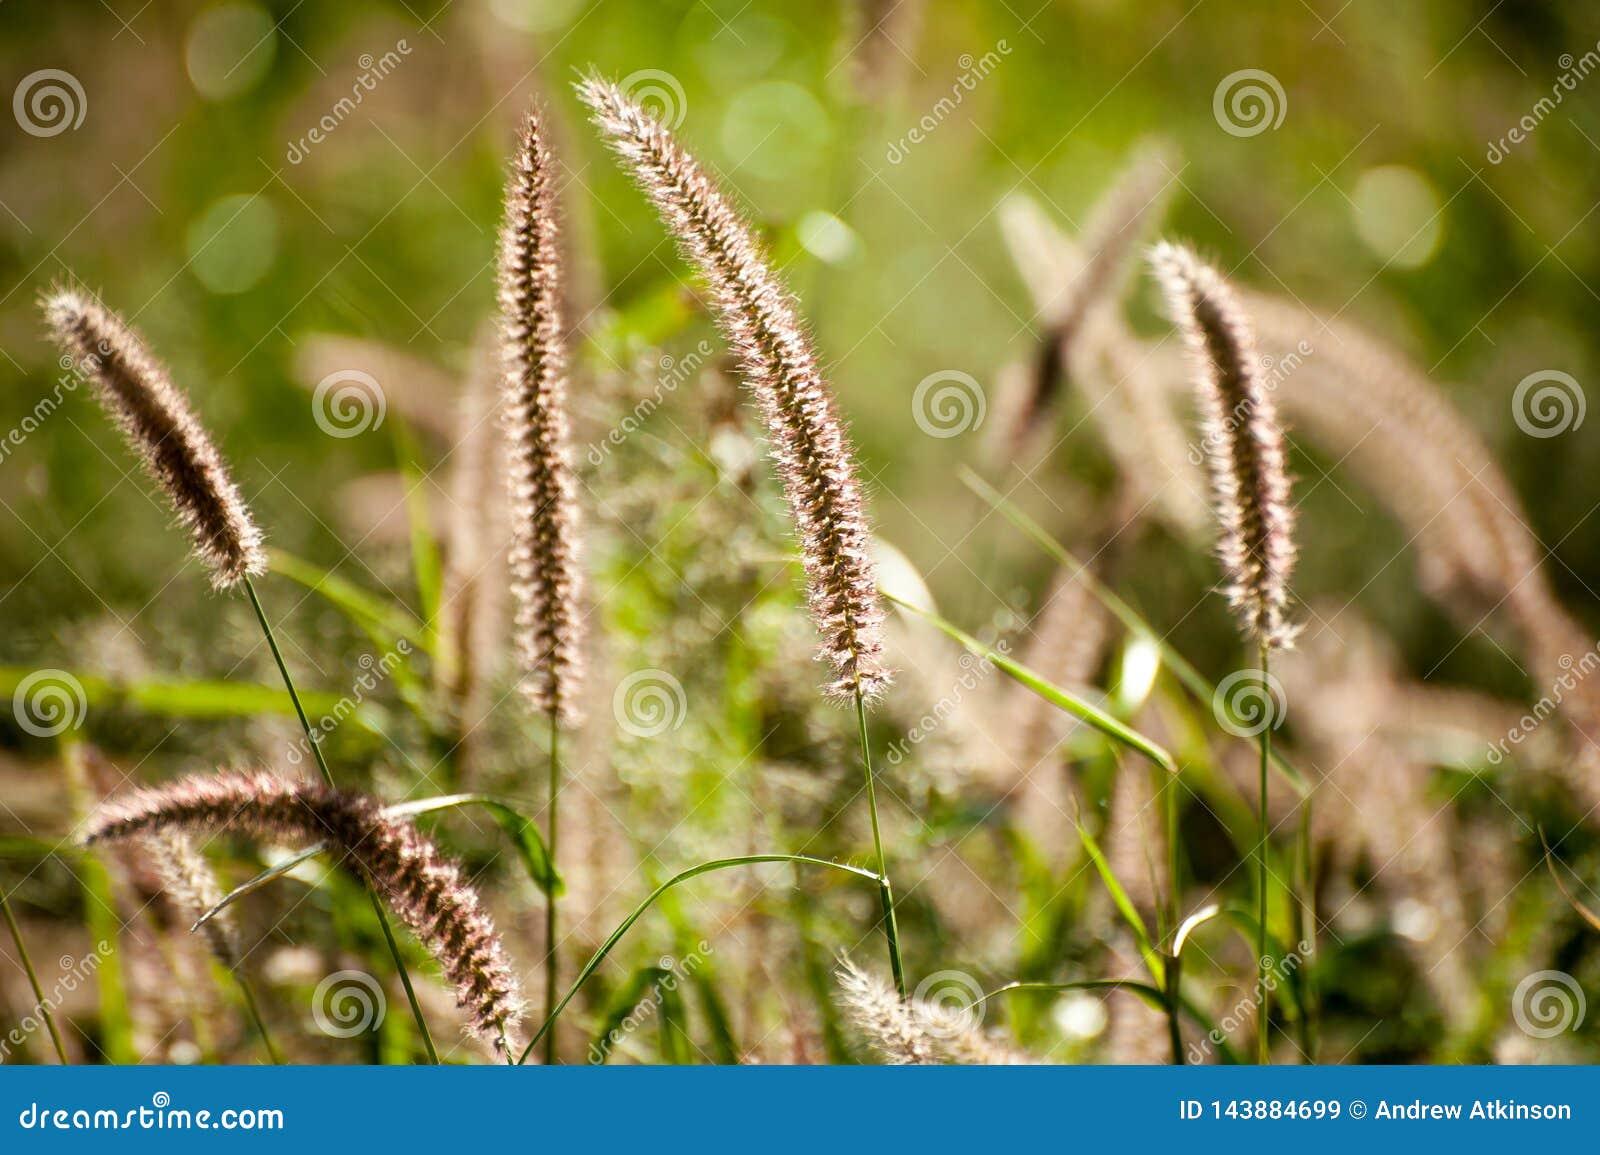 Pennisetum Fountain Grass Pennisetum Alopecuriodes An Ornamental